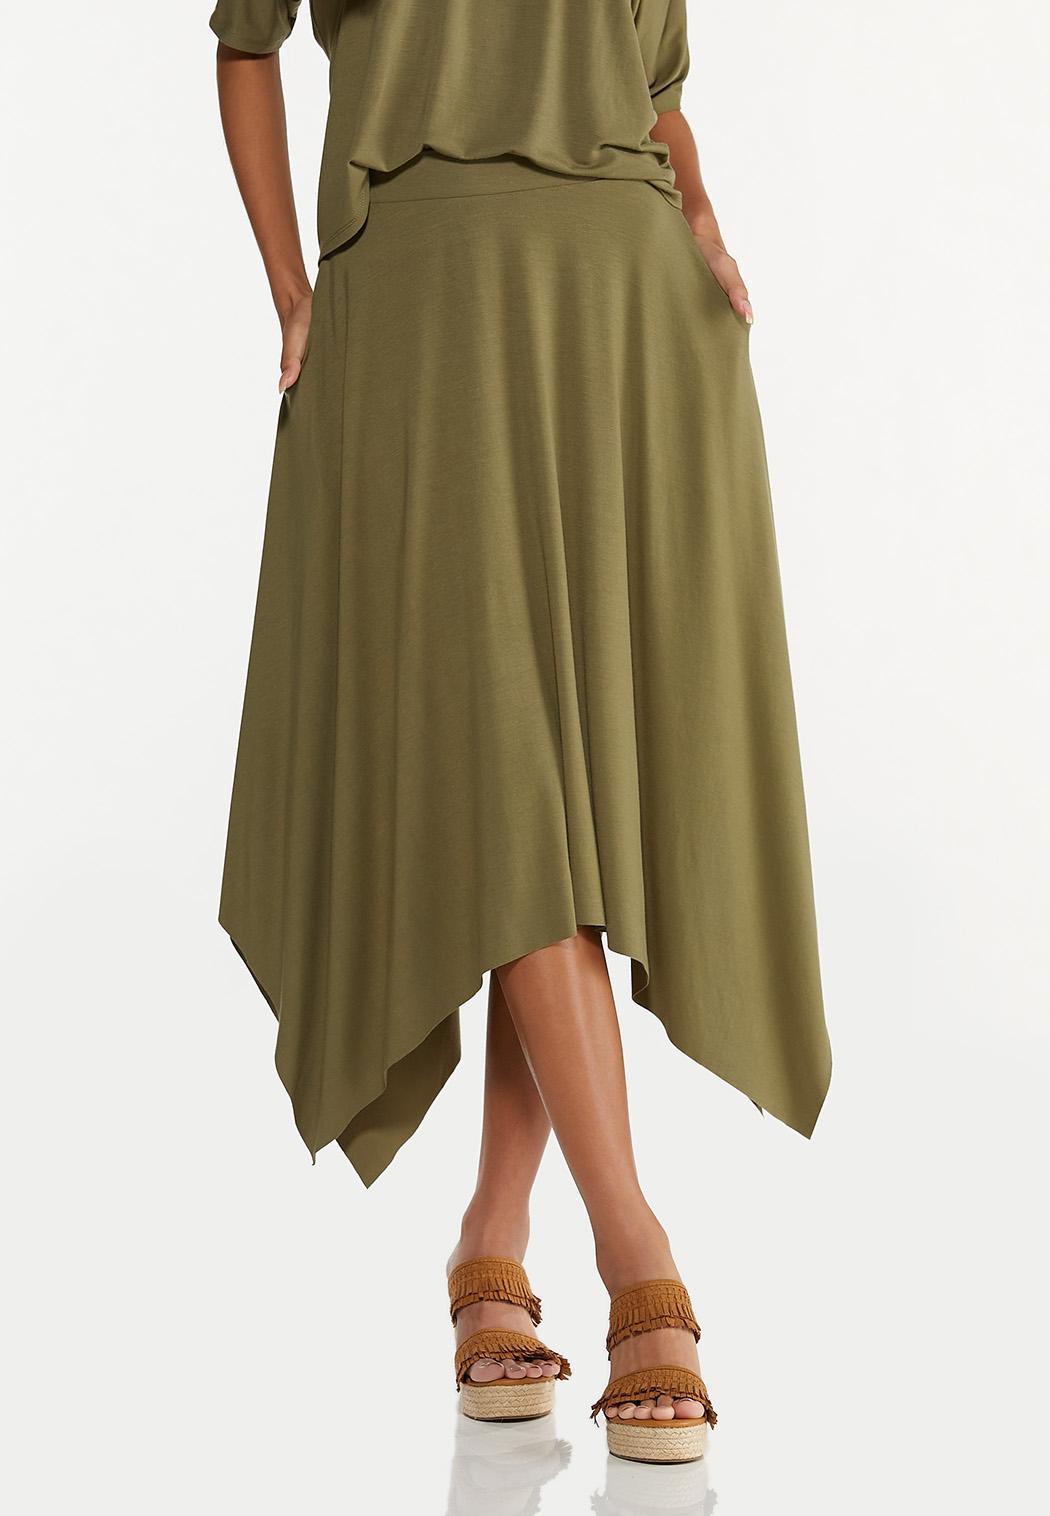 Olive Hanky Hem Skirt